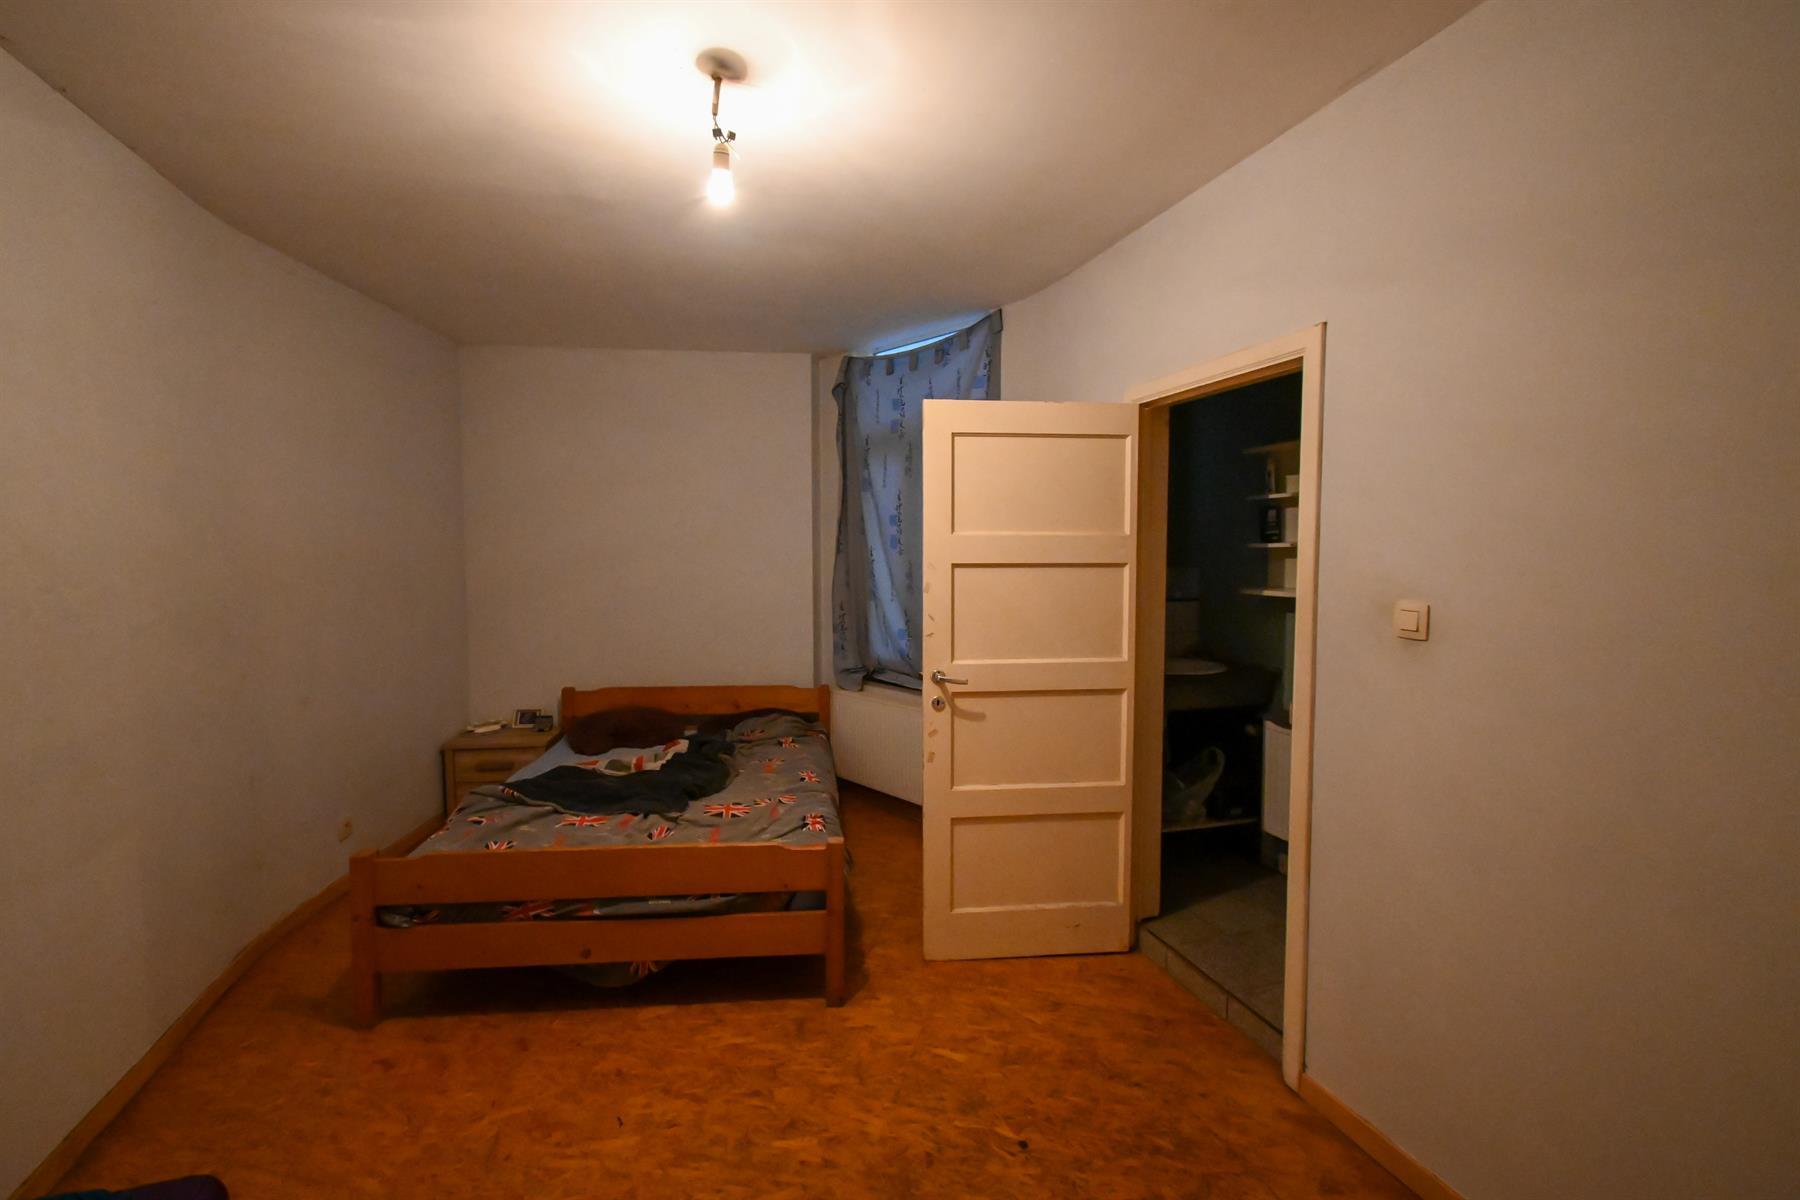 Appartement - Verviers - #4495449-5